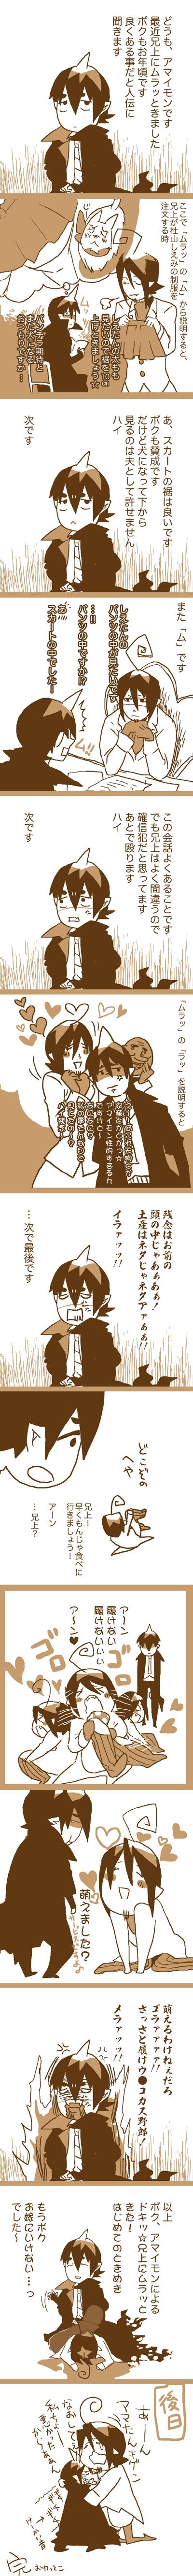 Tags: Anime, Ao no Exorcist, Amaimon, Mephisto Pheles, >O<, Translation Request, Comic, Blue Exorcist